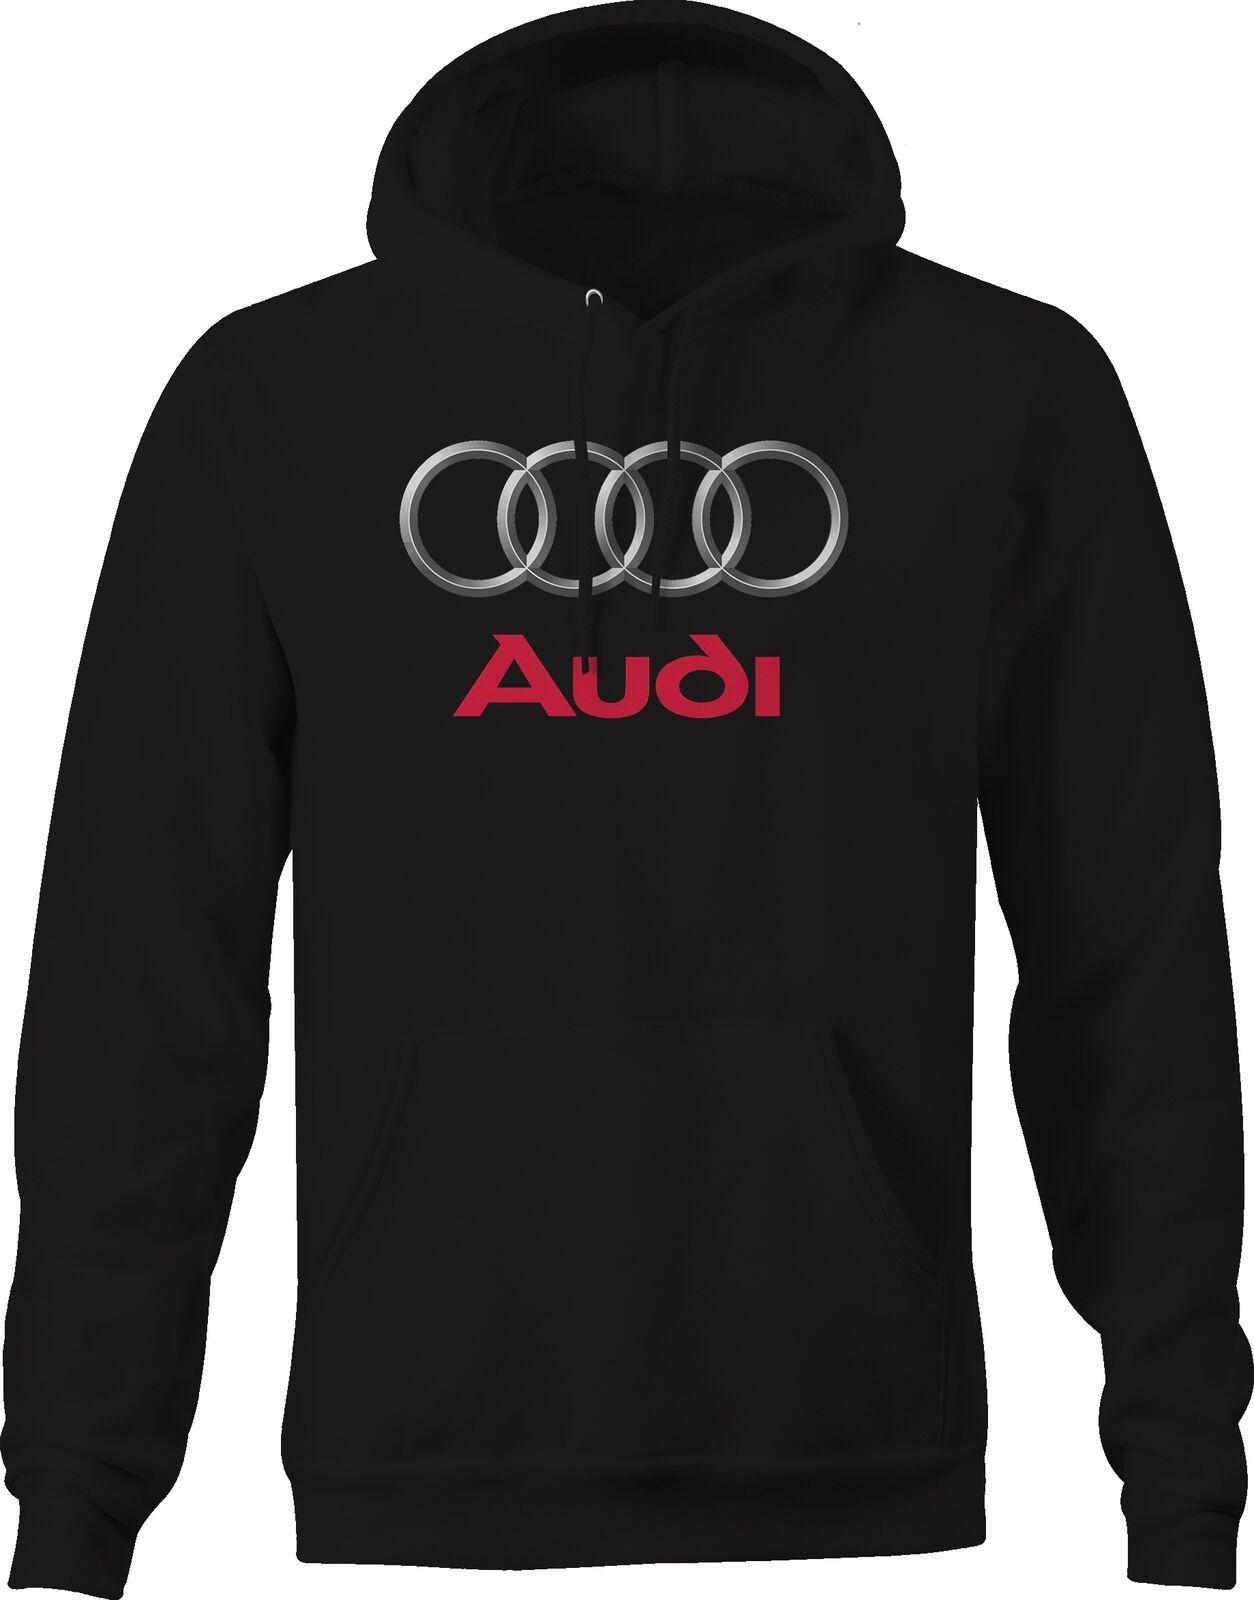 Audi Rings Emblem Logo Hoodies for Men